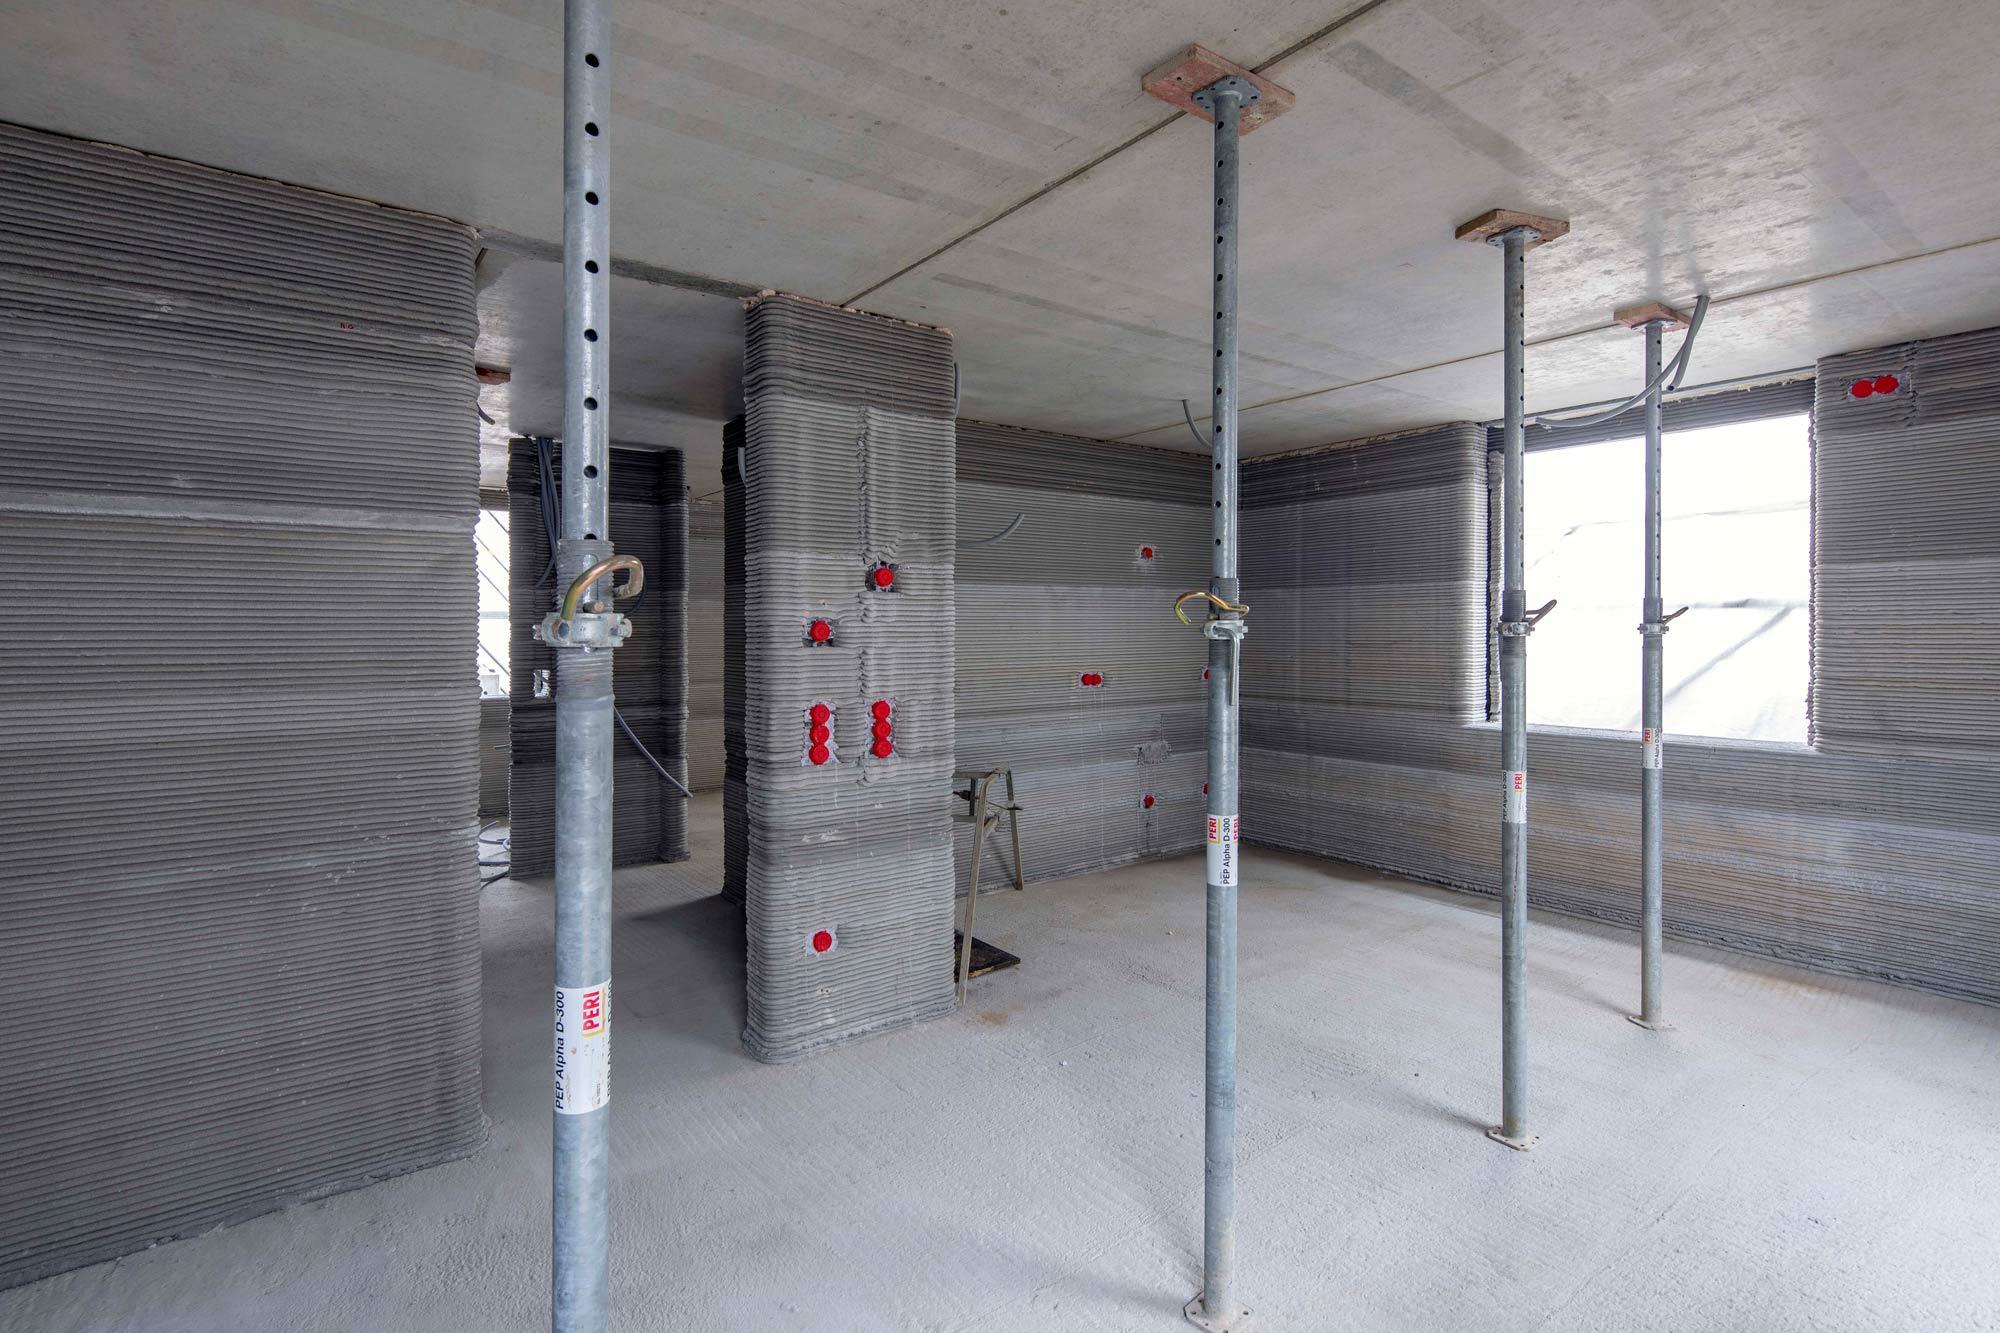 Druck eines Mehrfamilienhauses in Wallenhausen: Die Pläne setzt der 3D-Drucker auf der Baustelle eins zu eins um - inklusive der Aussparungen für die Steckdosen.